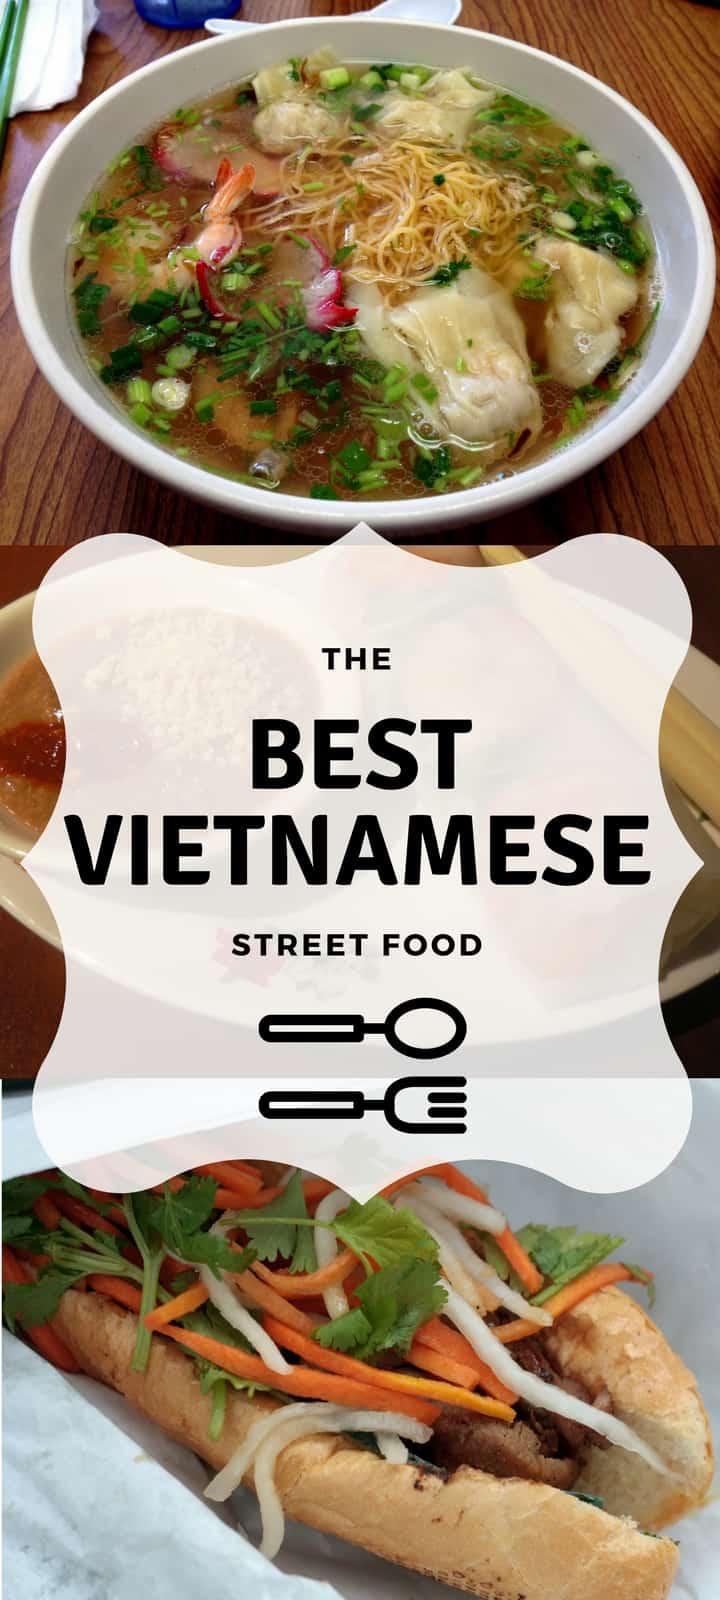 Best Vietnamese Street Food